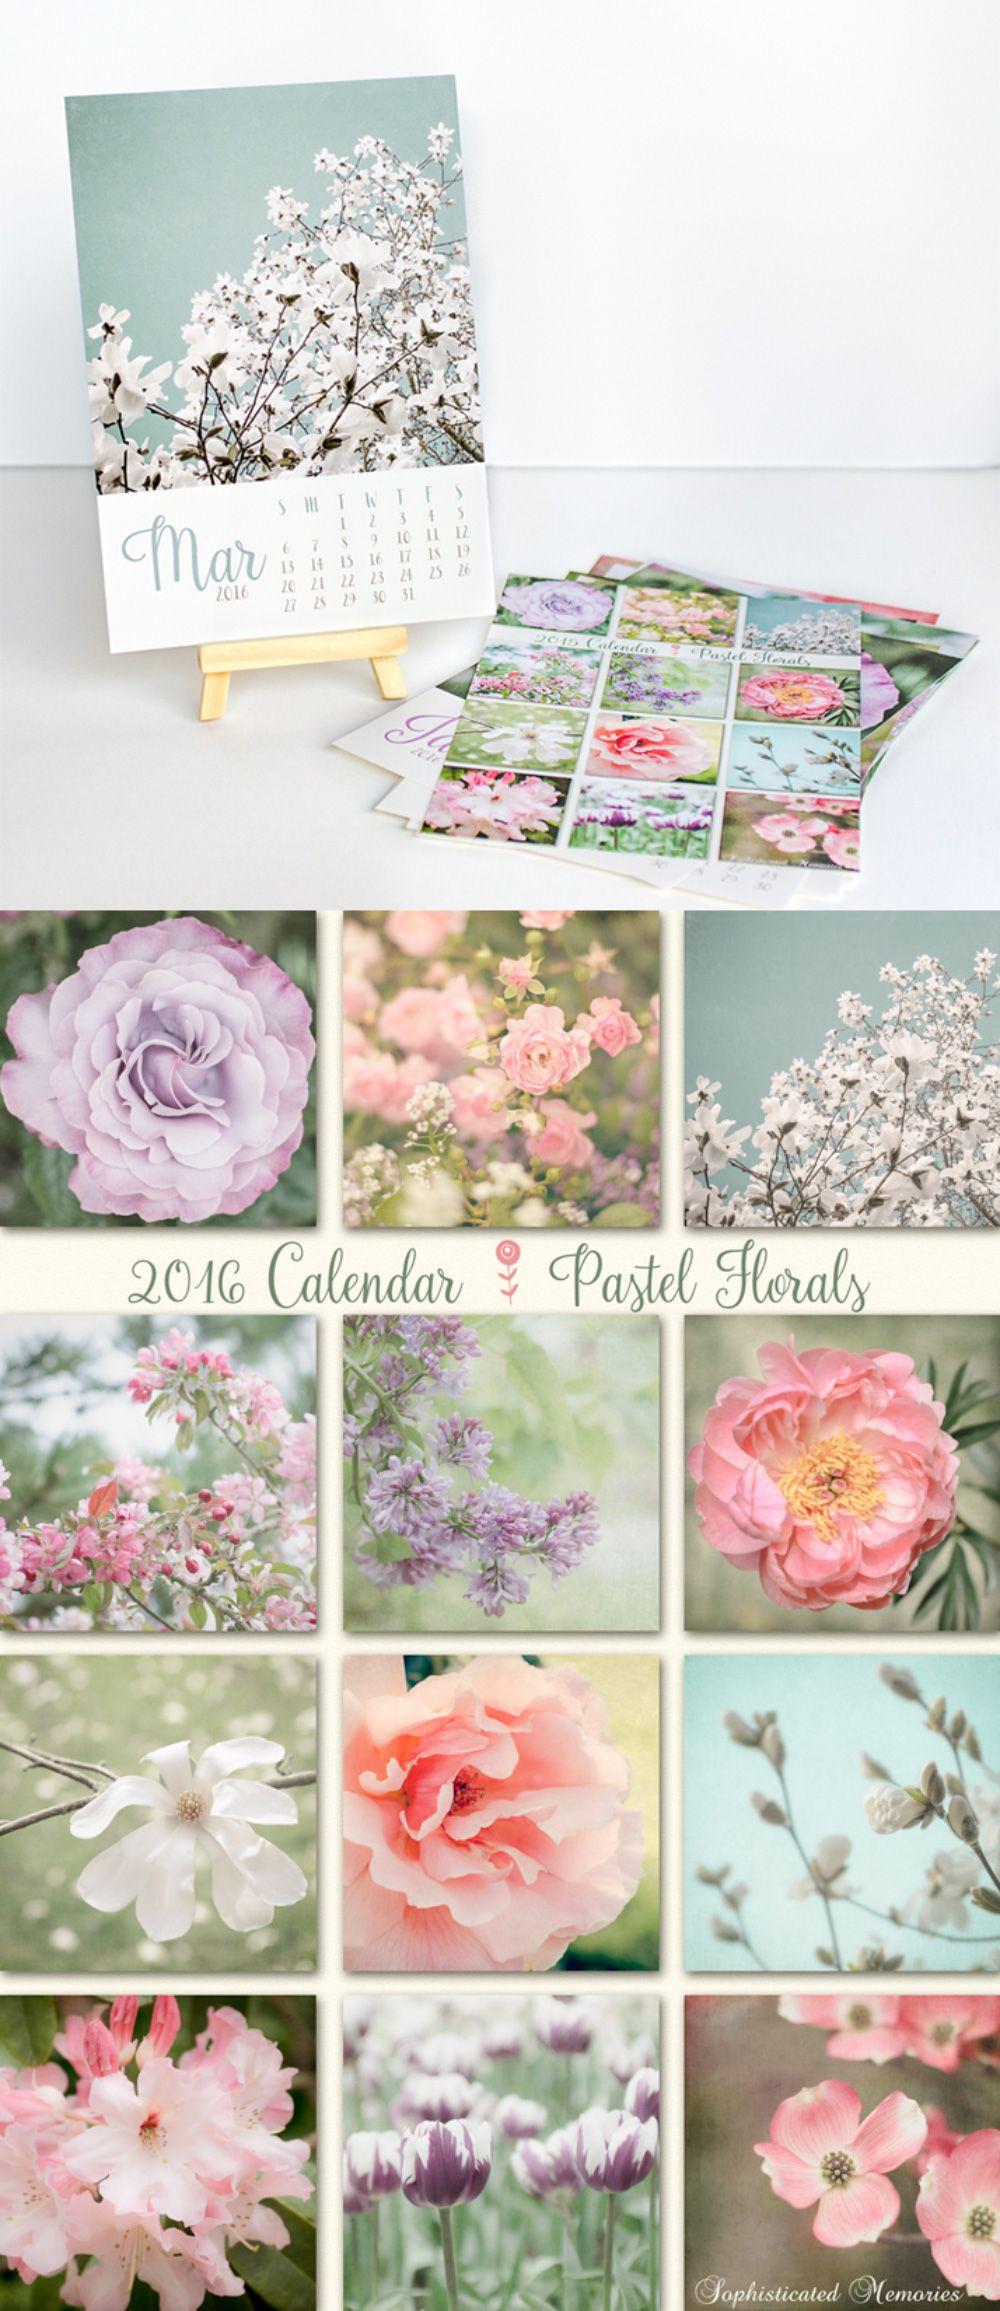 Mini Easel Calendar Gift for Her Stocking Stuffer